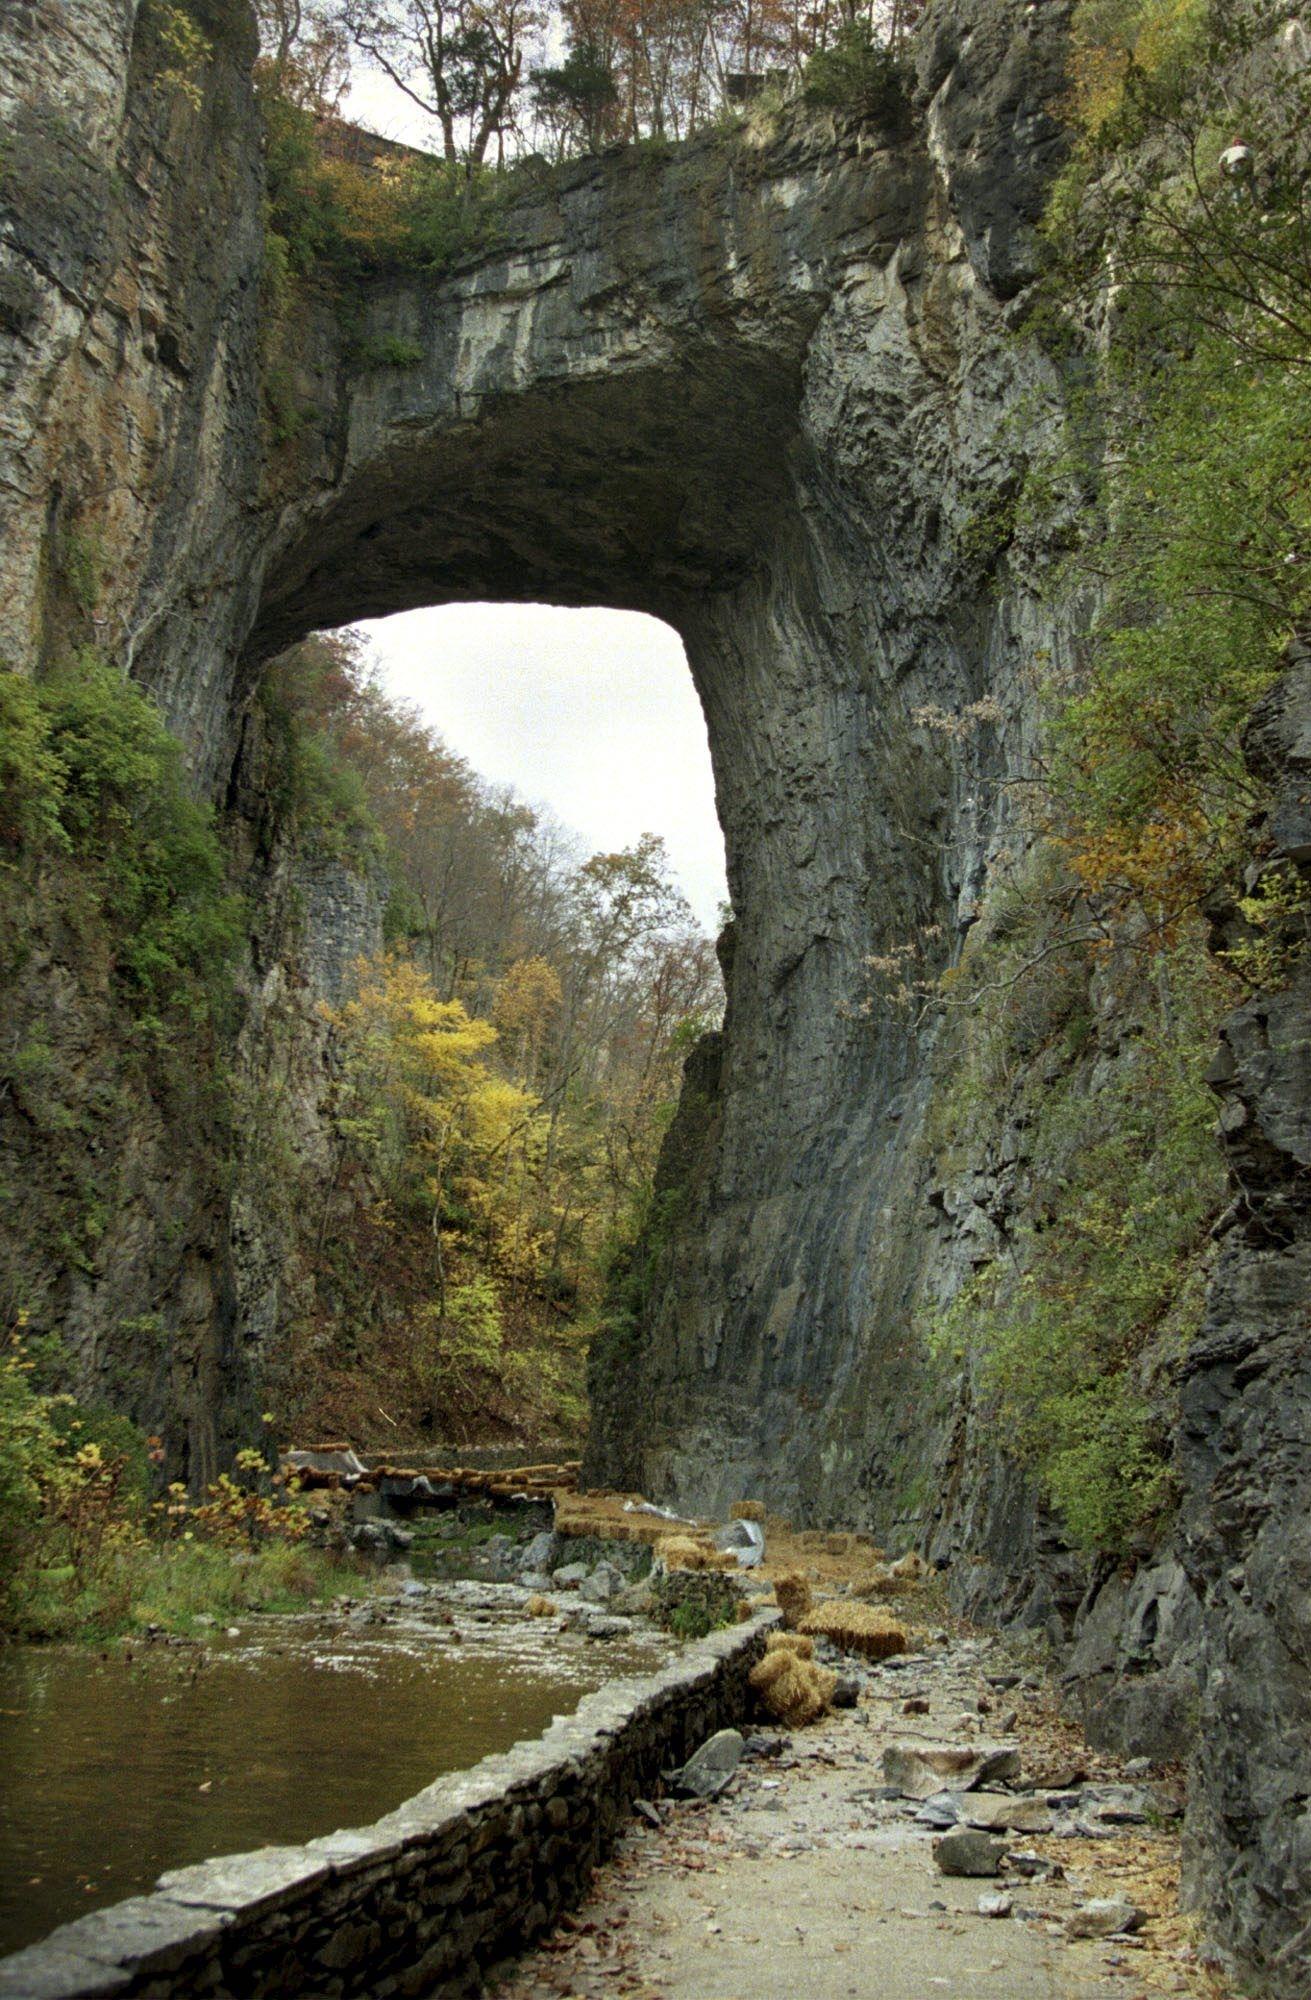 Tracy: Bridge